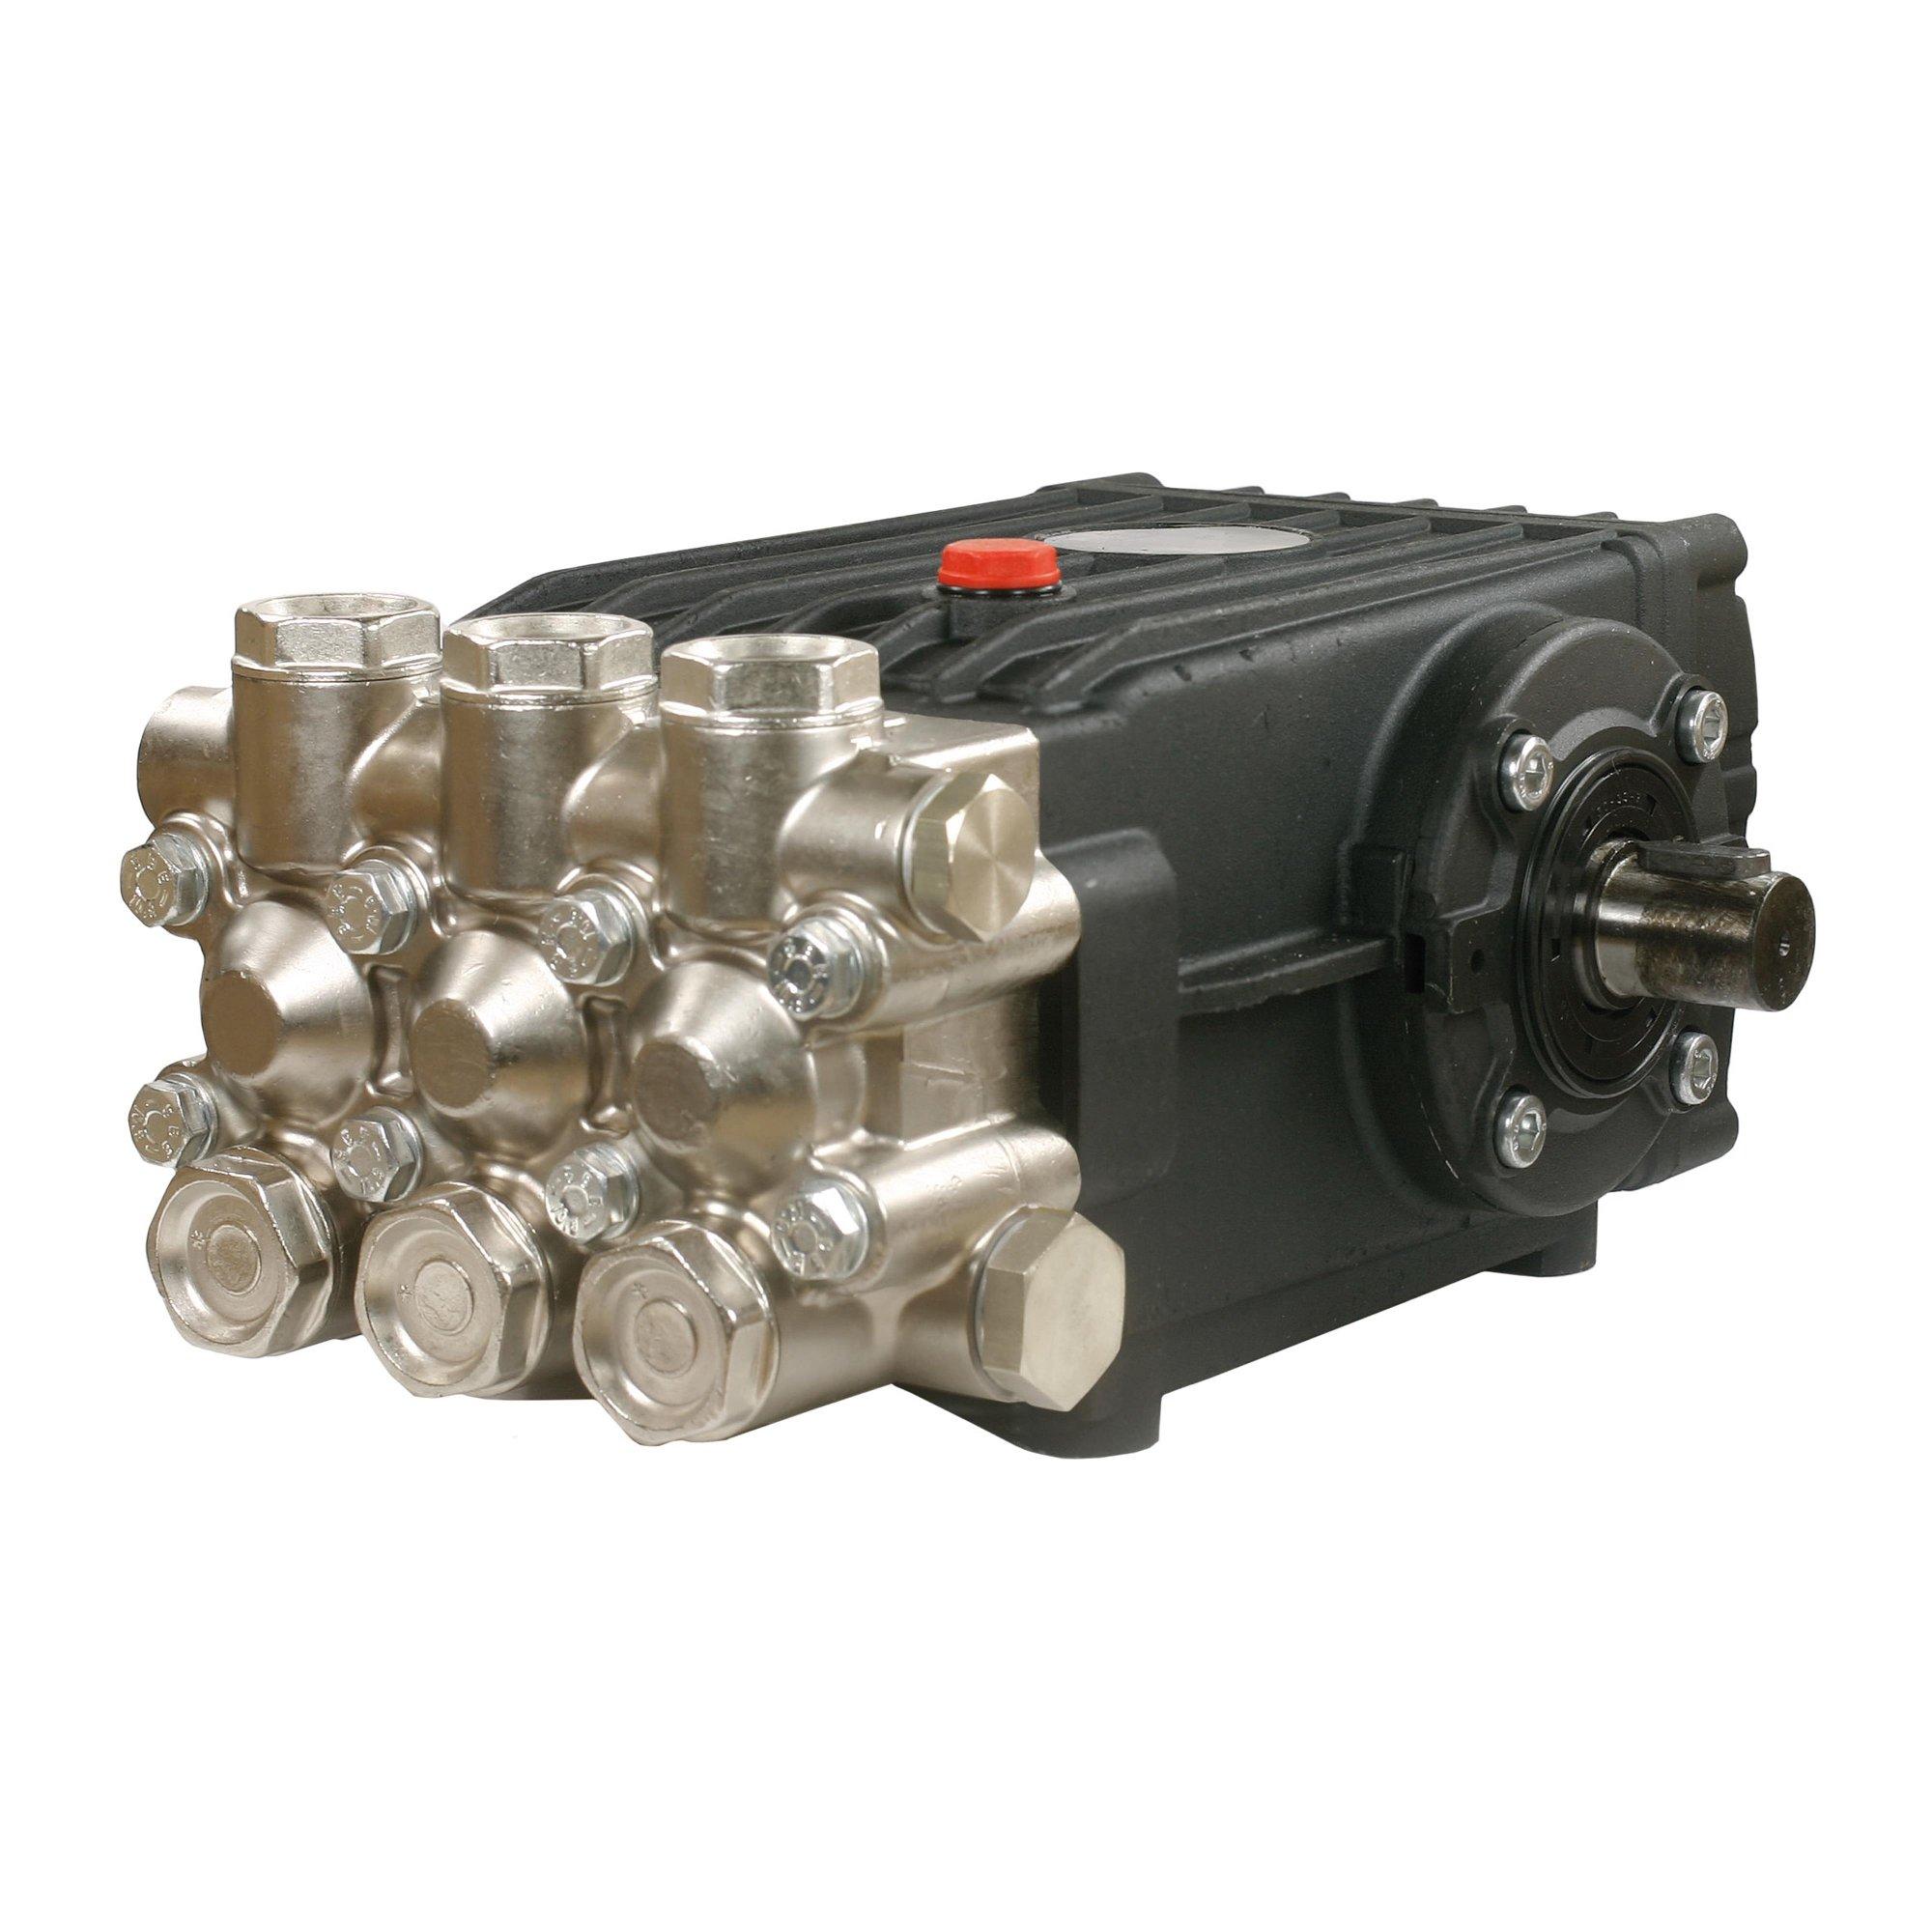 Interpump Pumpe HT 6646S, max. 46L/min, max. 170 bar, 1450 U/min, 14,7 kW, Welle links Pumpe HT 6646S 46L 170B 1750 UPM   Welle links